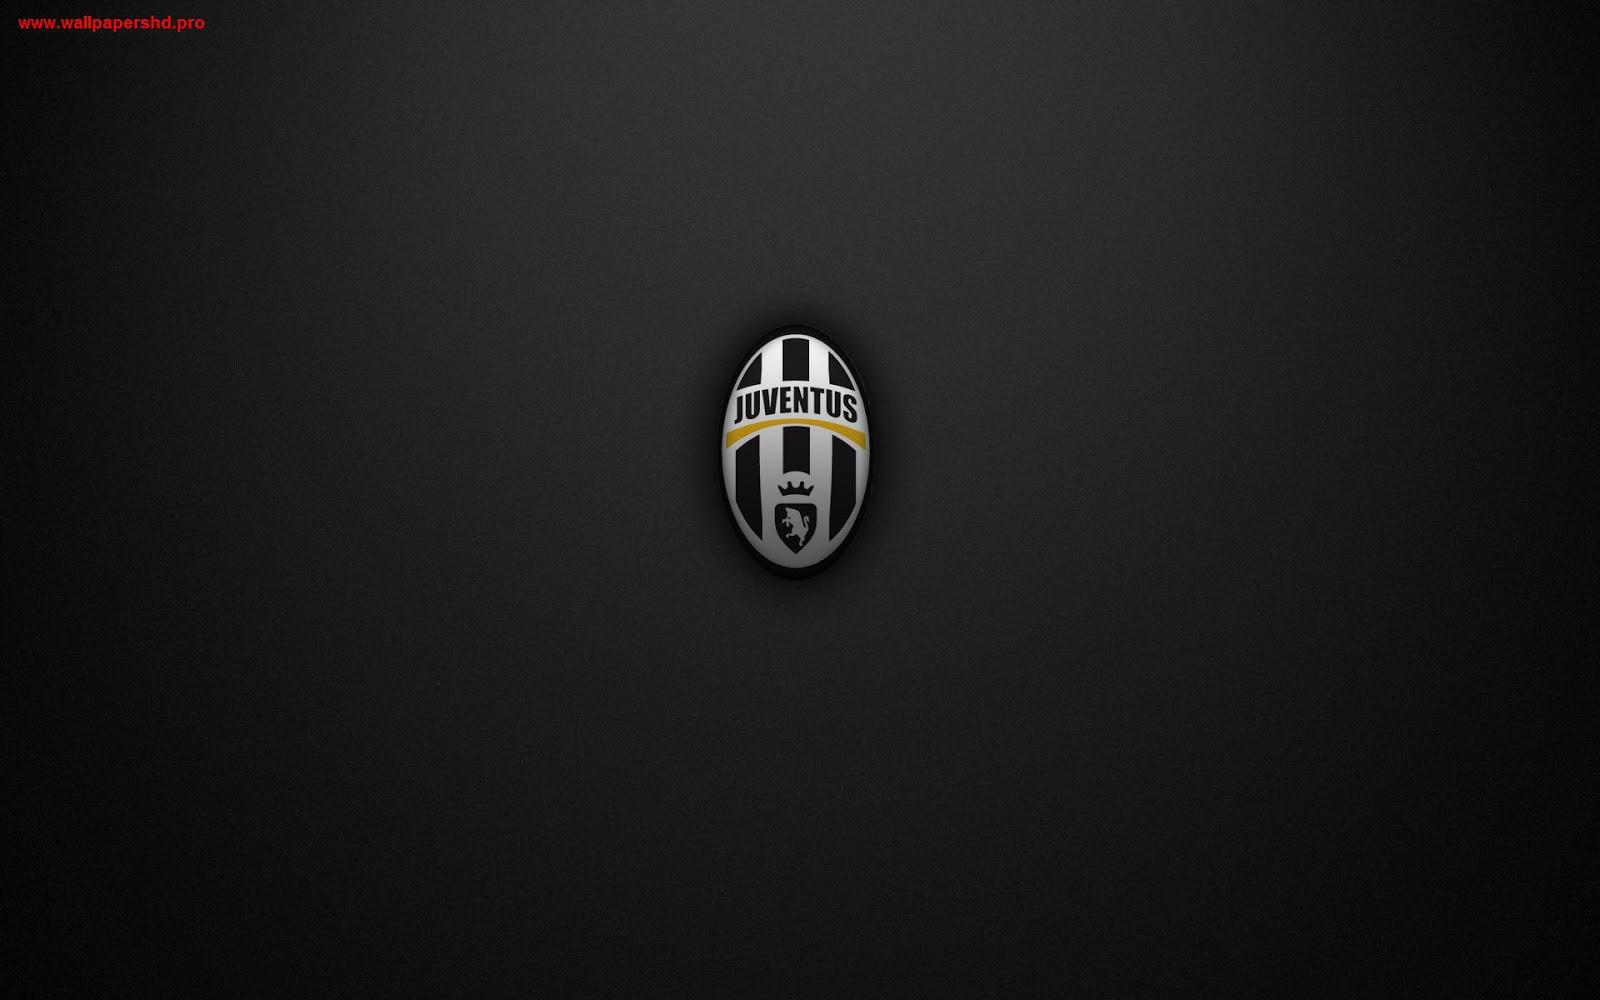 http://4.bp.blogspot.com/-fxtlmTaM7NA/UI8b4qE_DyI/AAAAAAAAP9U/0U8JBsAehsY/s1600/juventus_logo-other.jpg